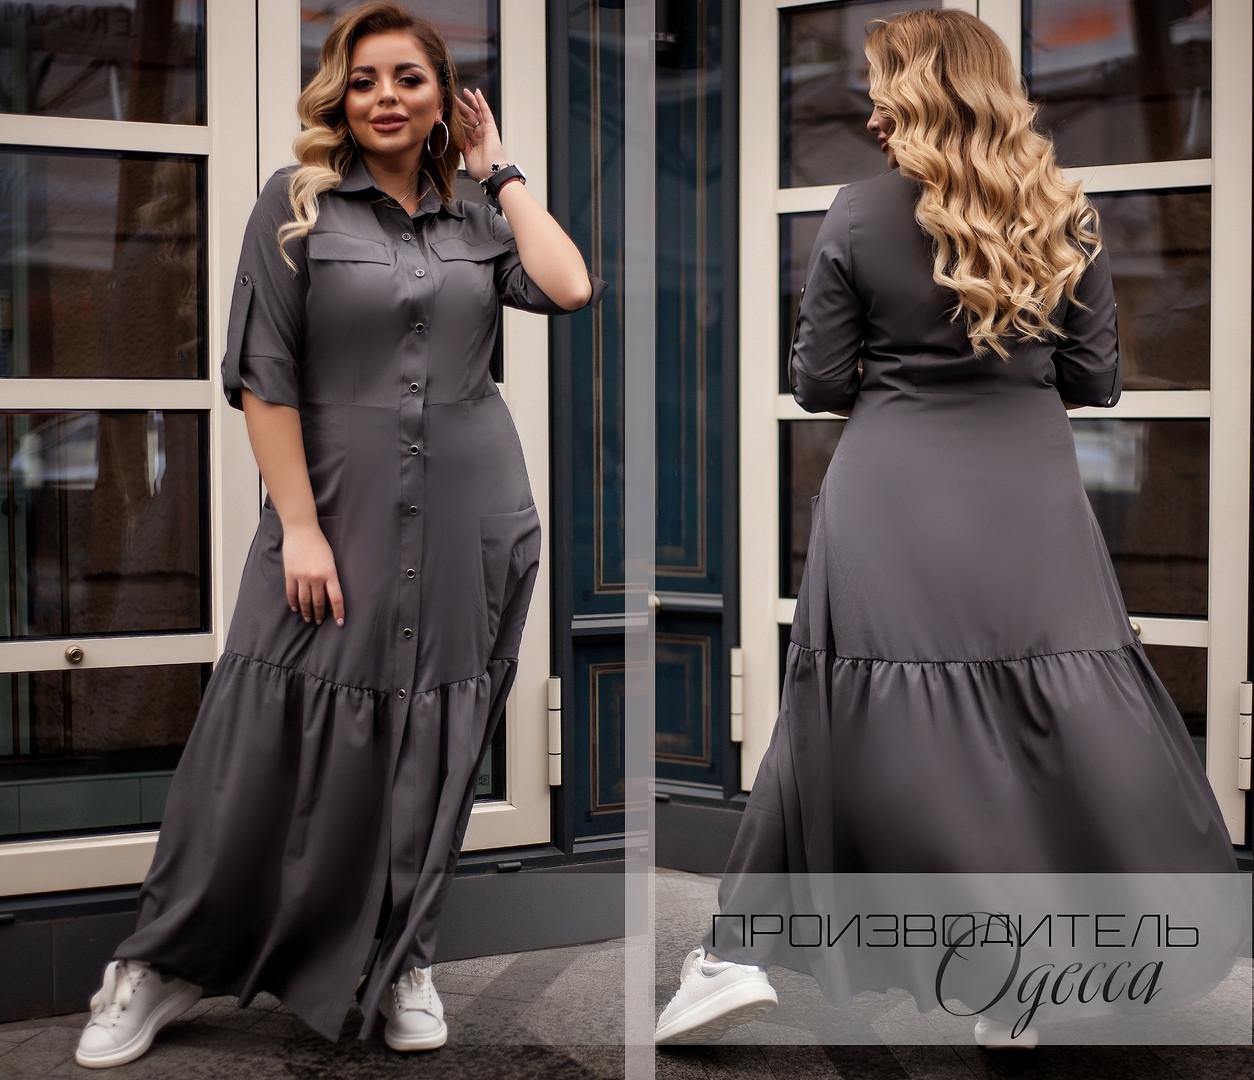 Оригинальное женское платье с бергалина